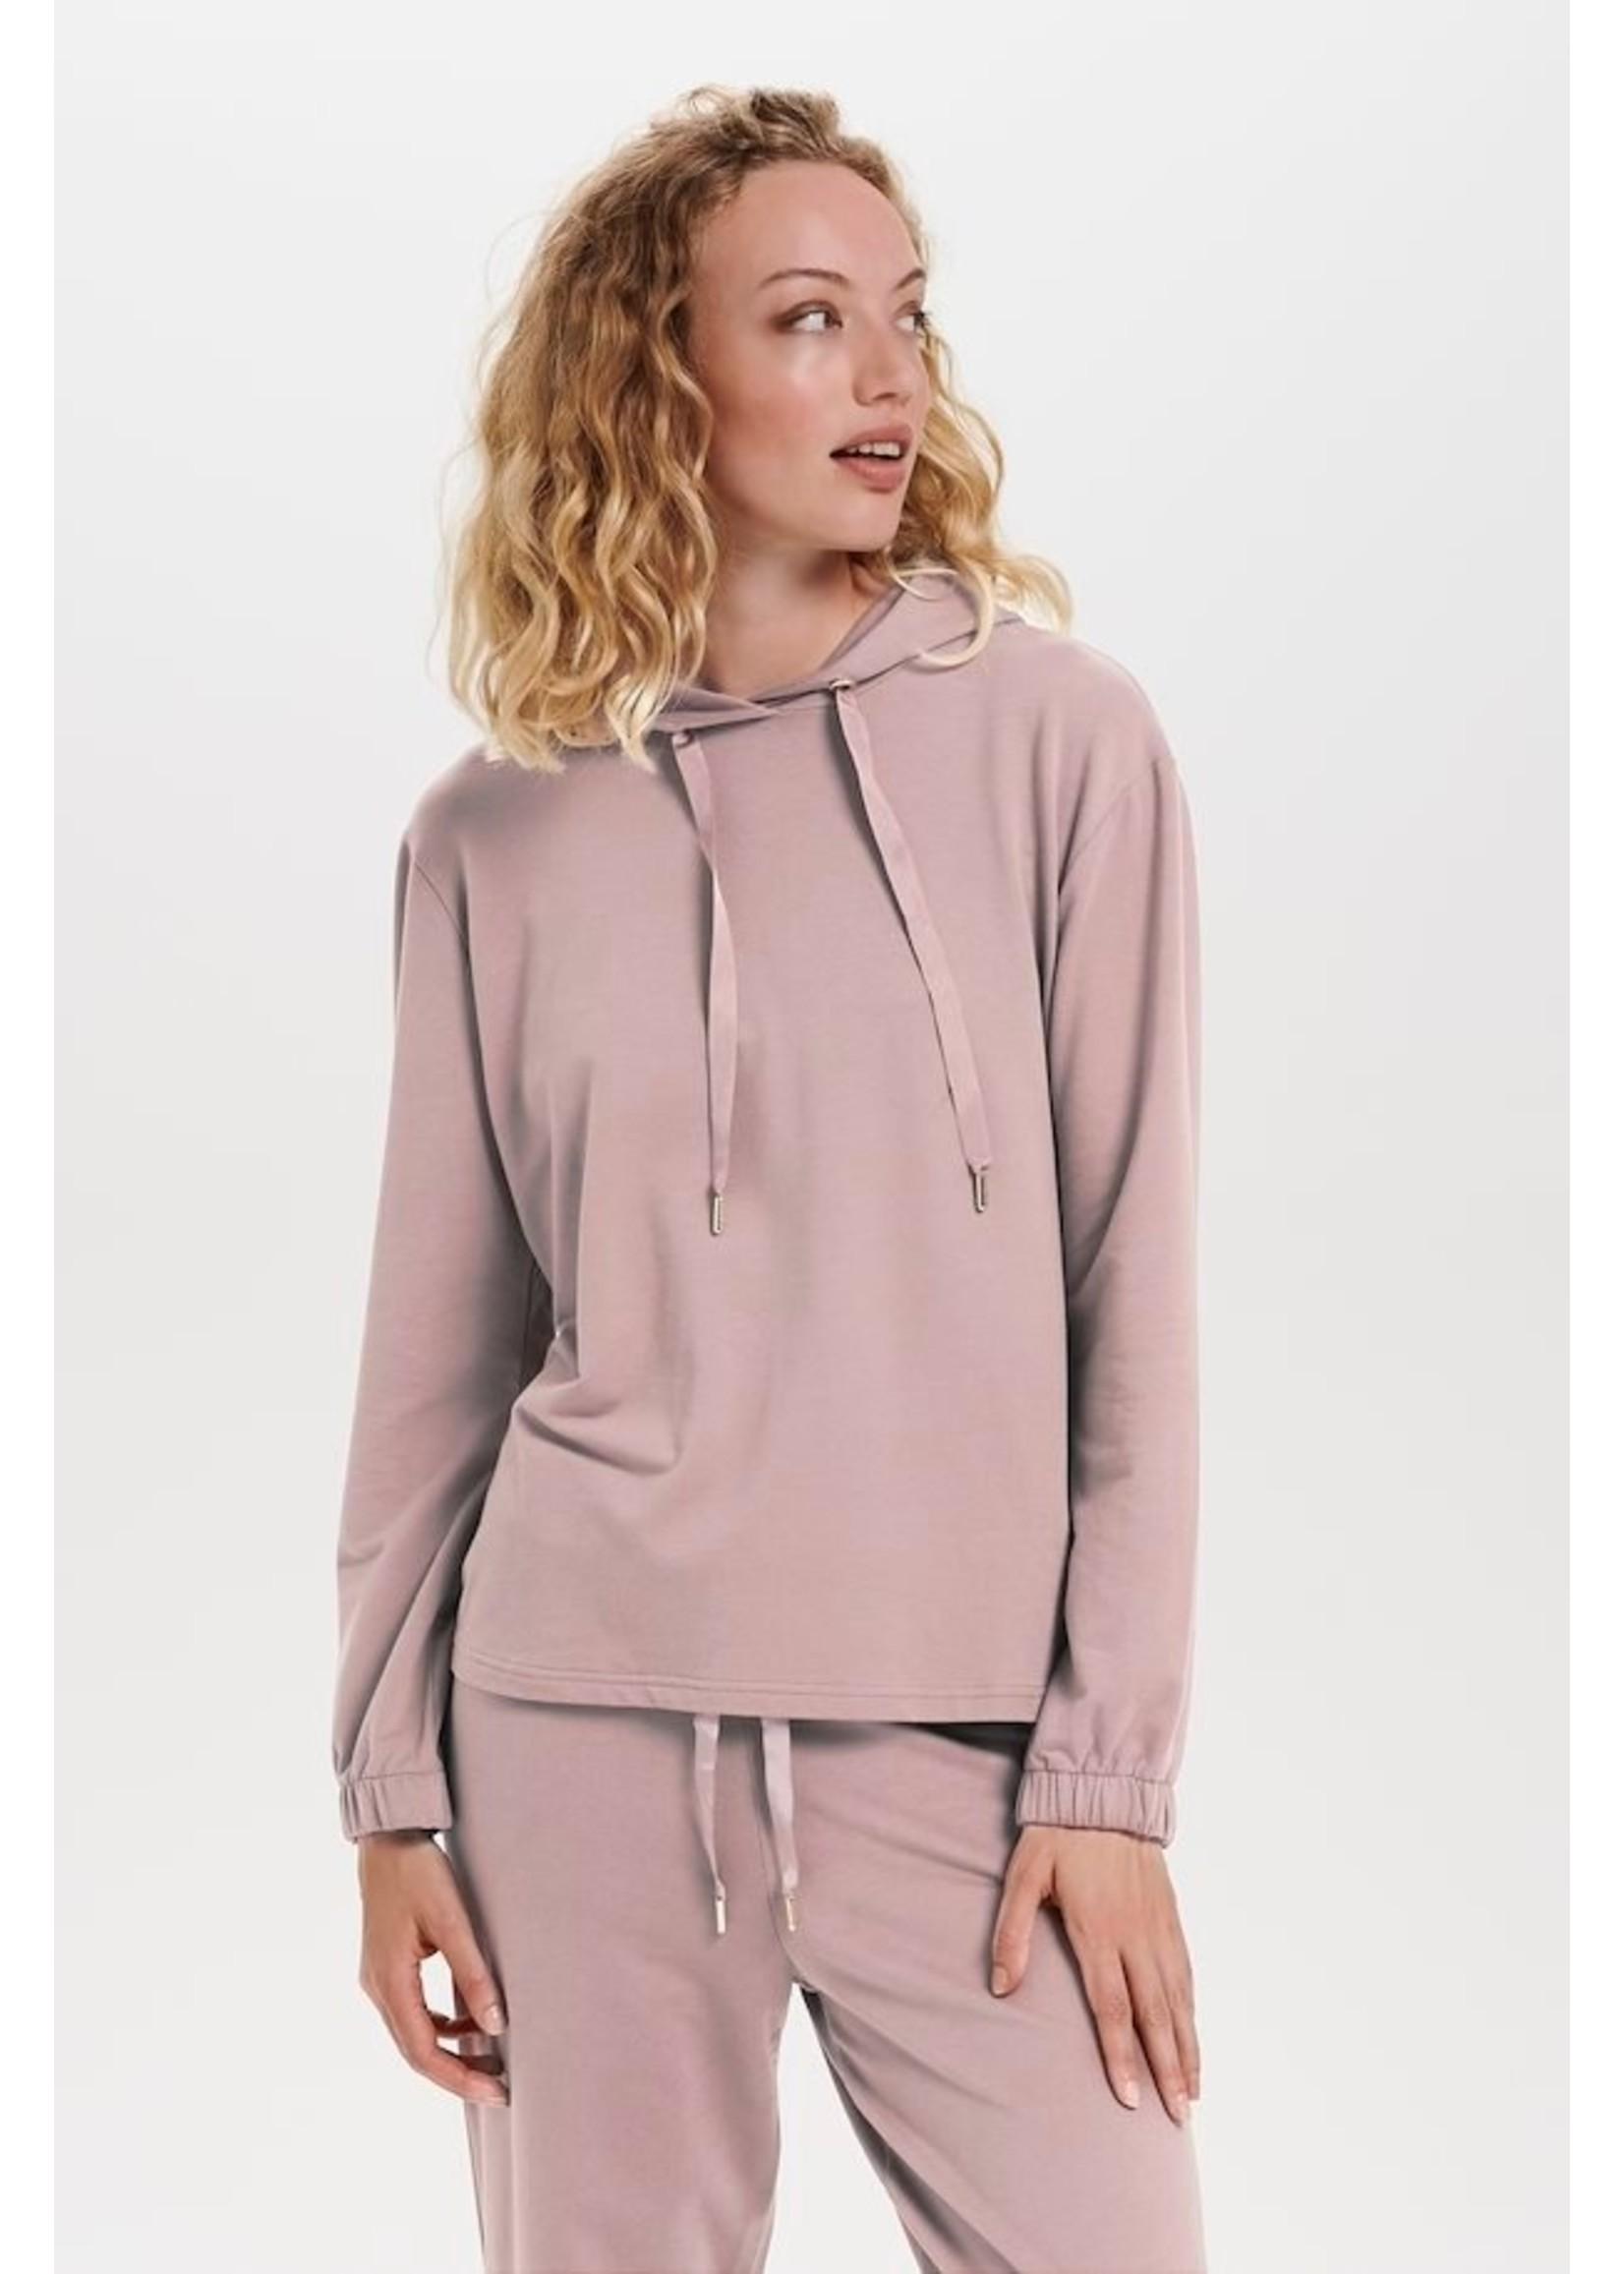 Saint Tropez JuliaSZ pullover